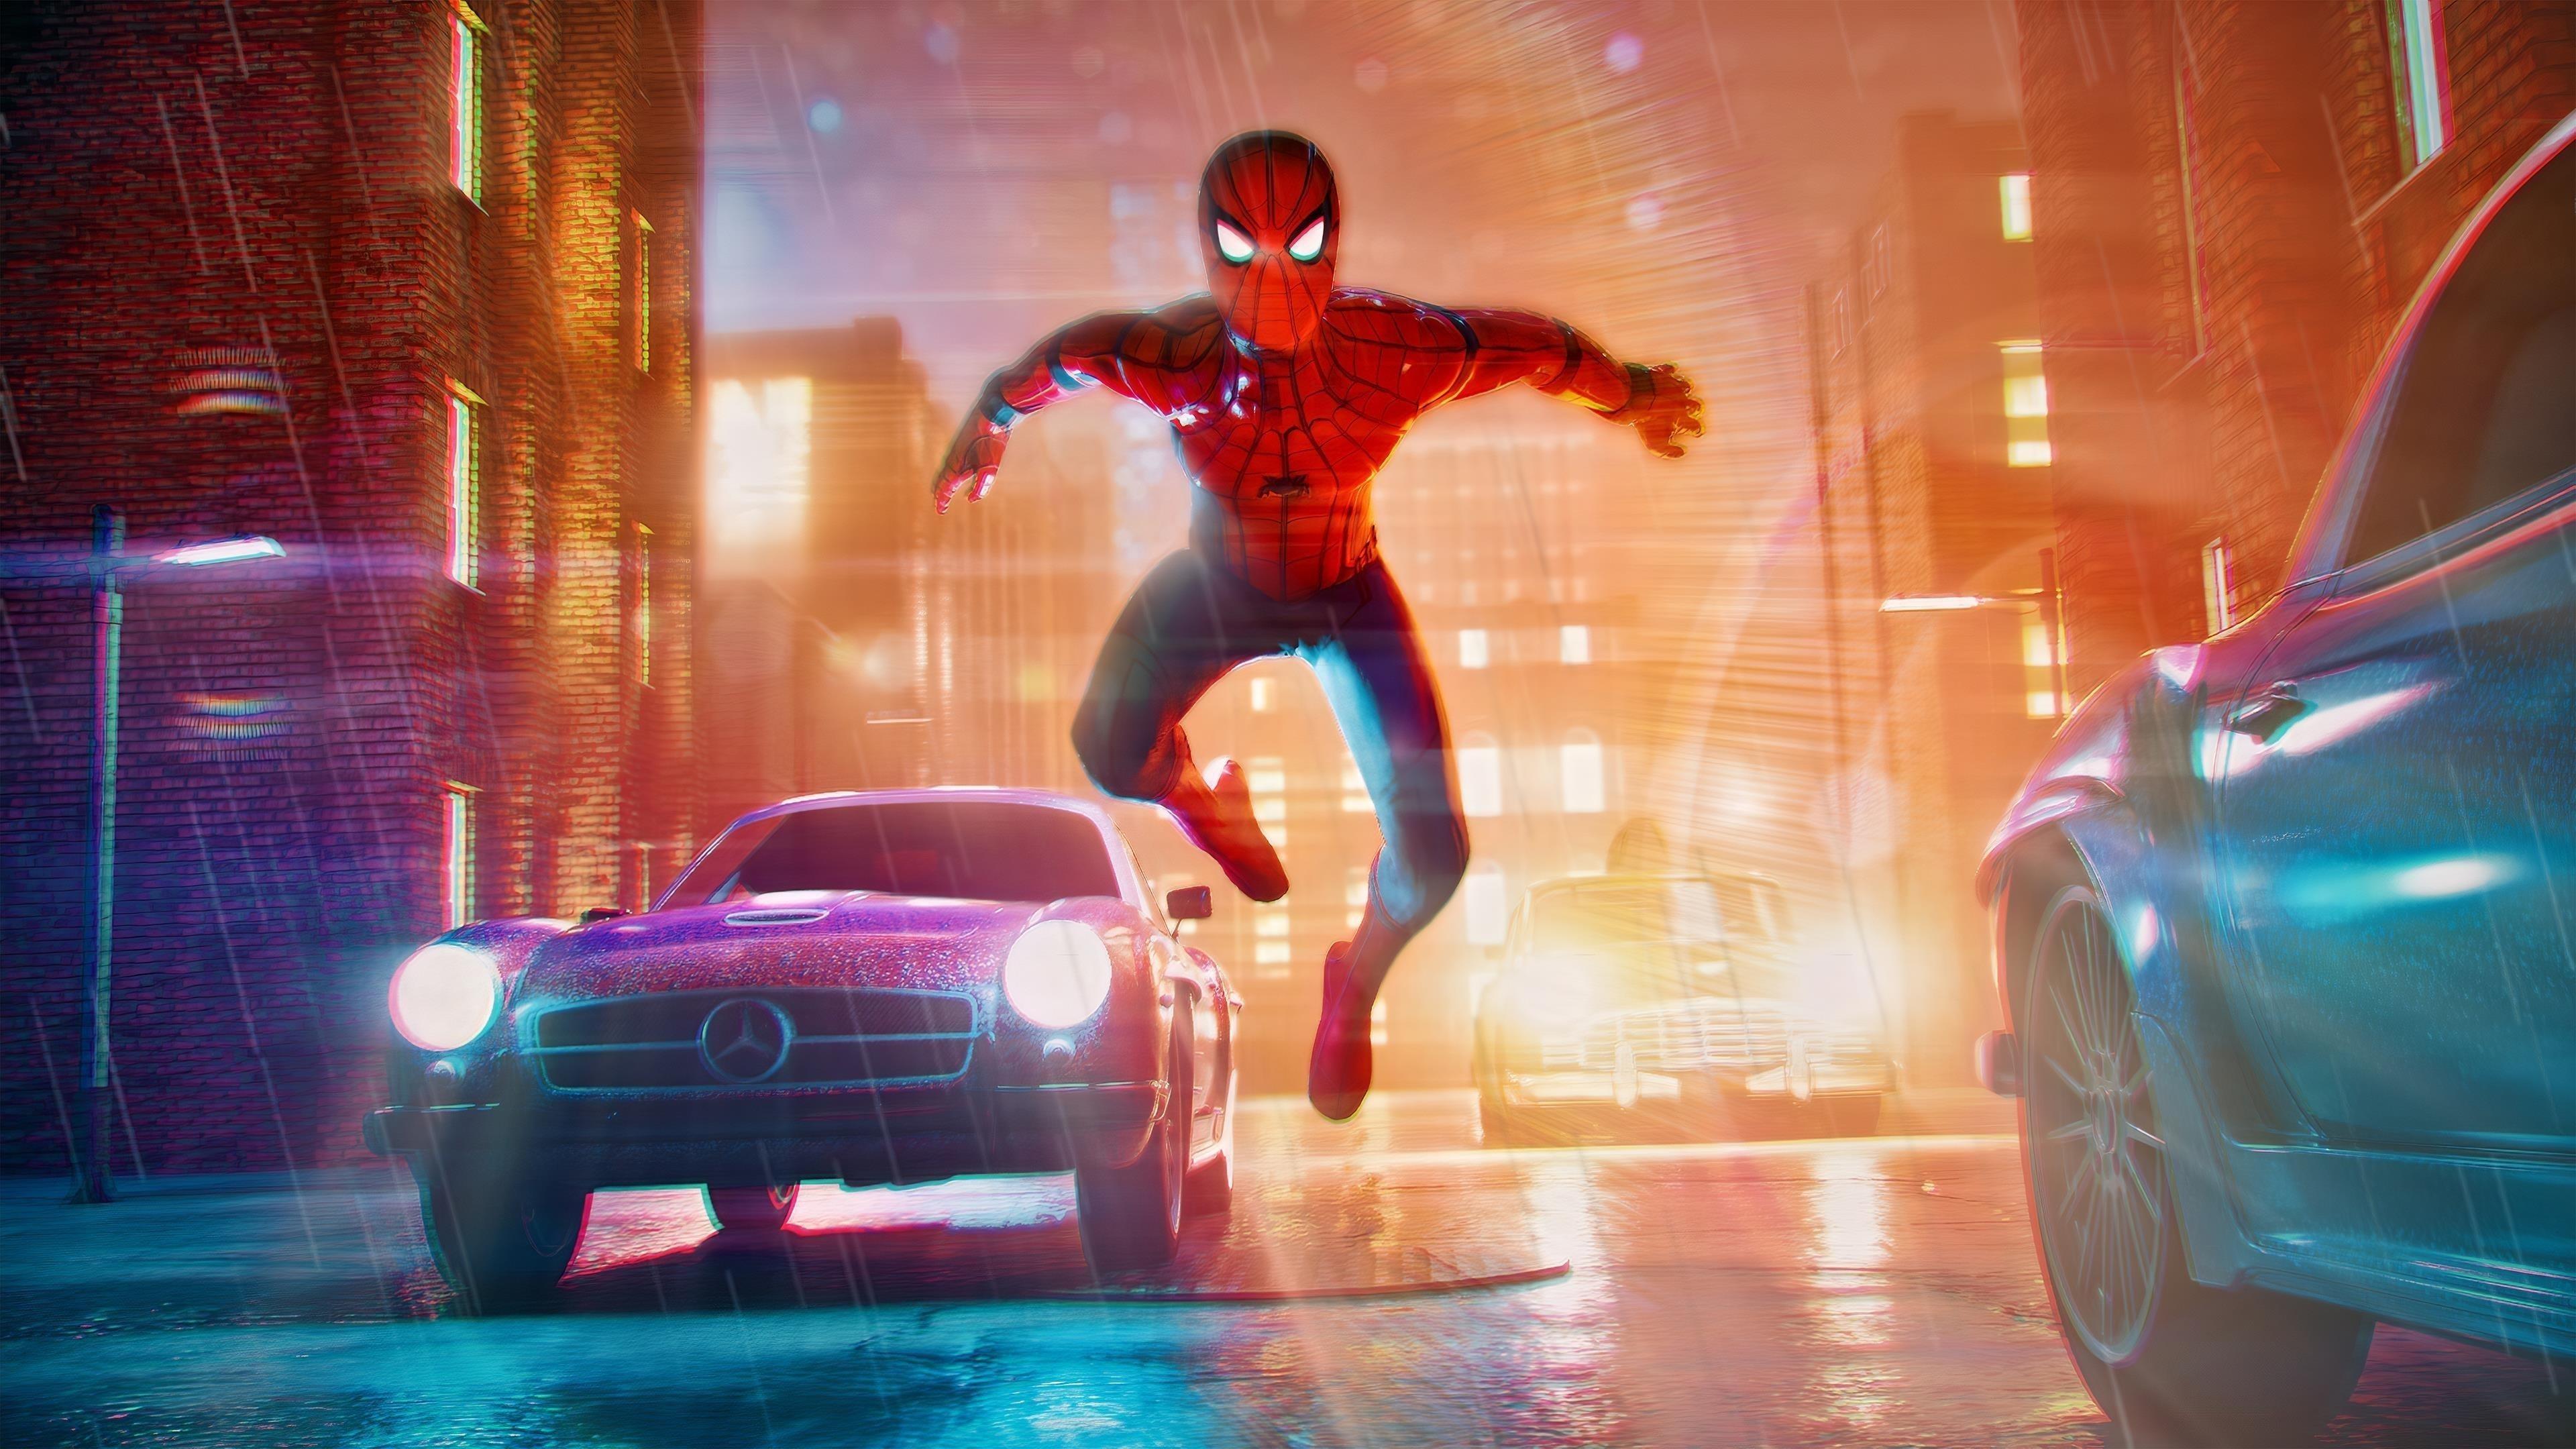 Человек-паук произведения искусства обои скачать